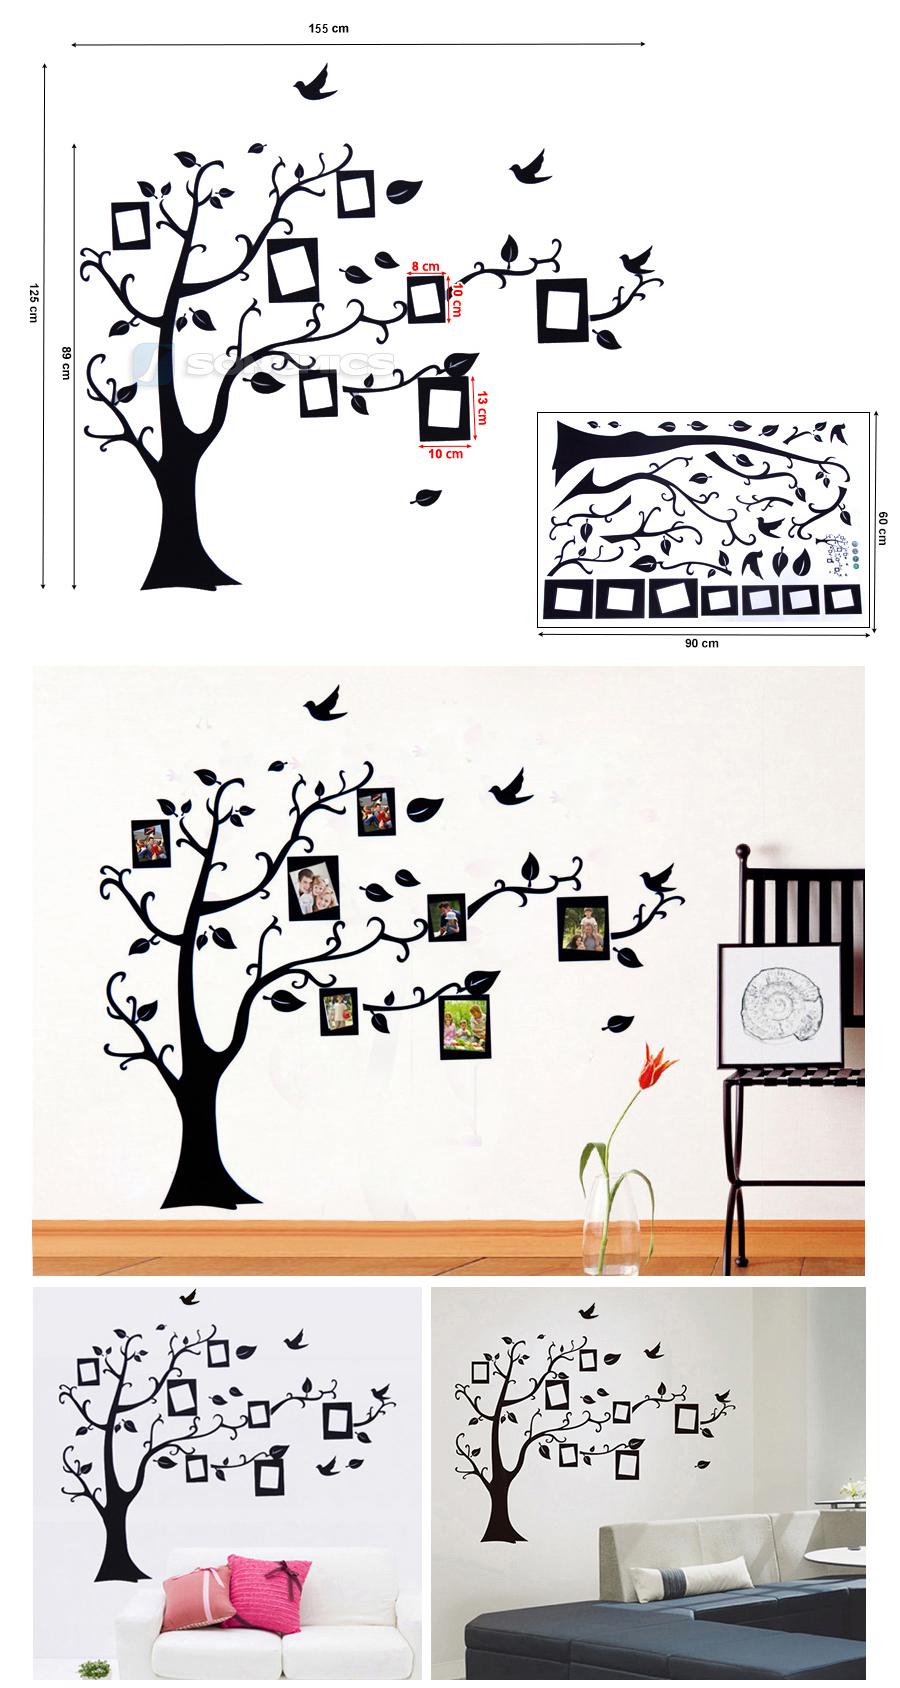 wandtattoo bilderrahmen vogel baum fotorahmen wandaufkleber wandsticker fwt05r ebay. Black Bedroom Furniture Sets. Home Design Ideas